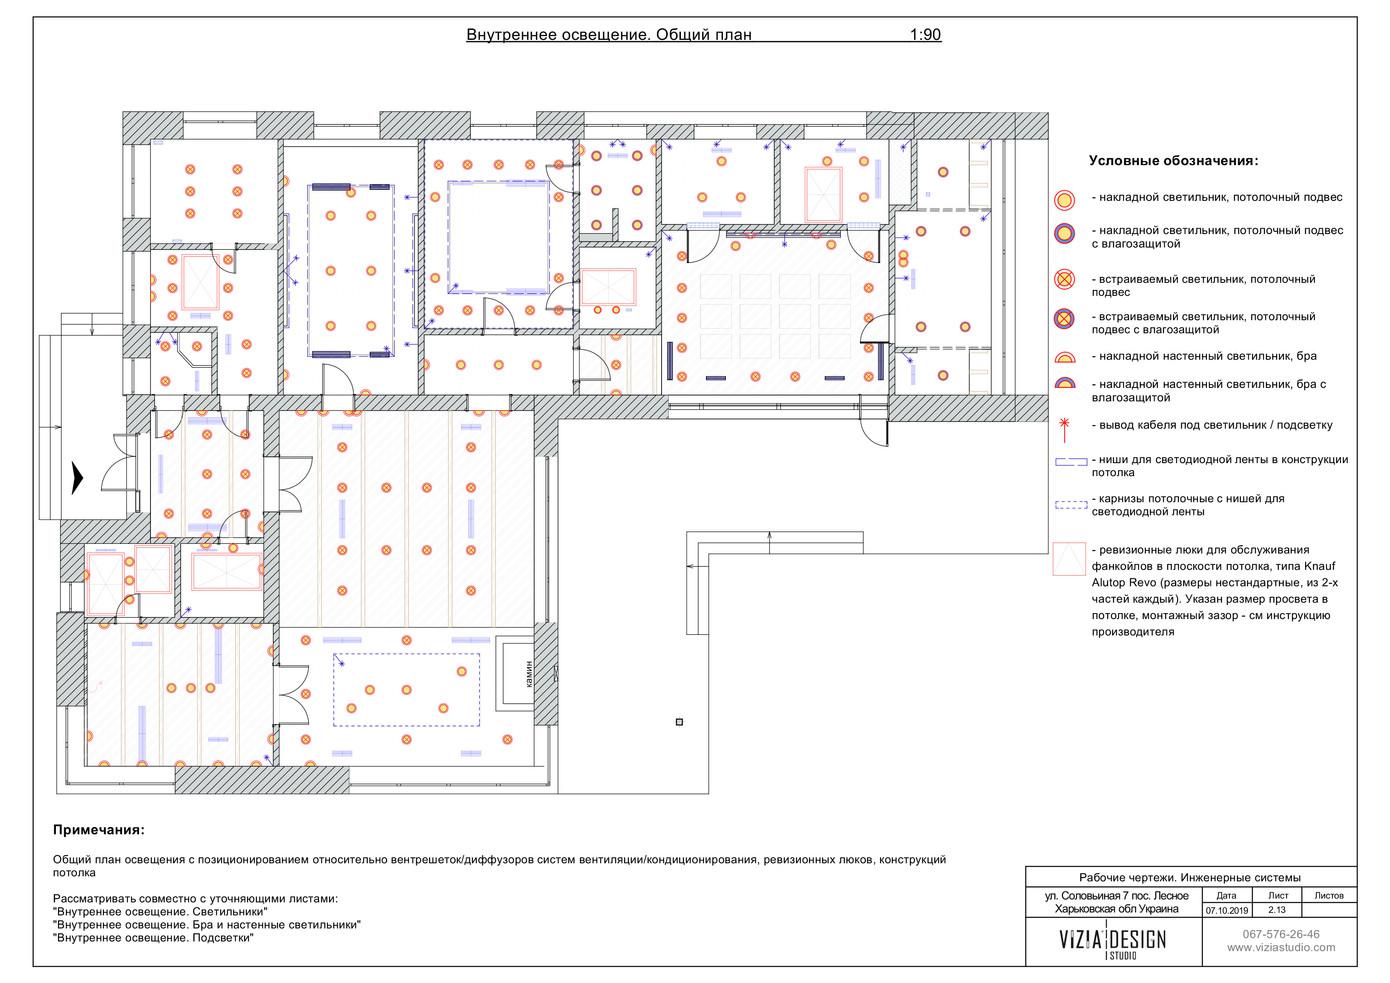 indoor illumination layout.jpg